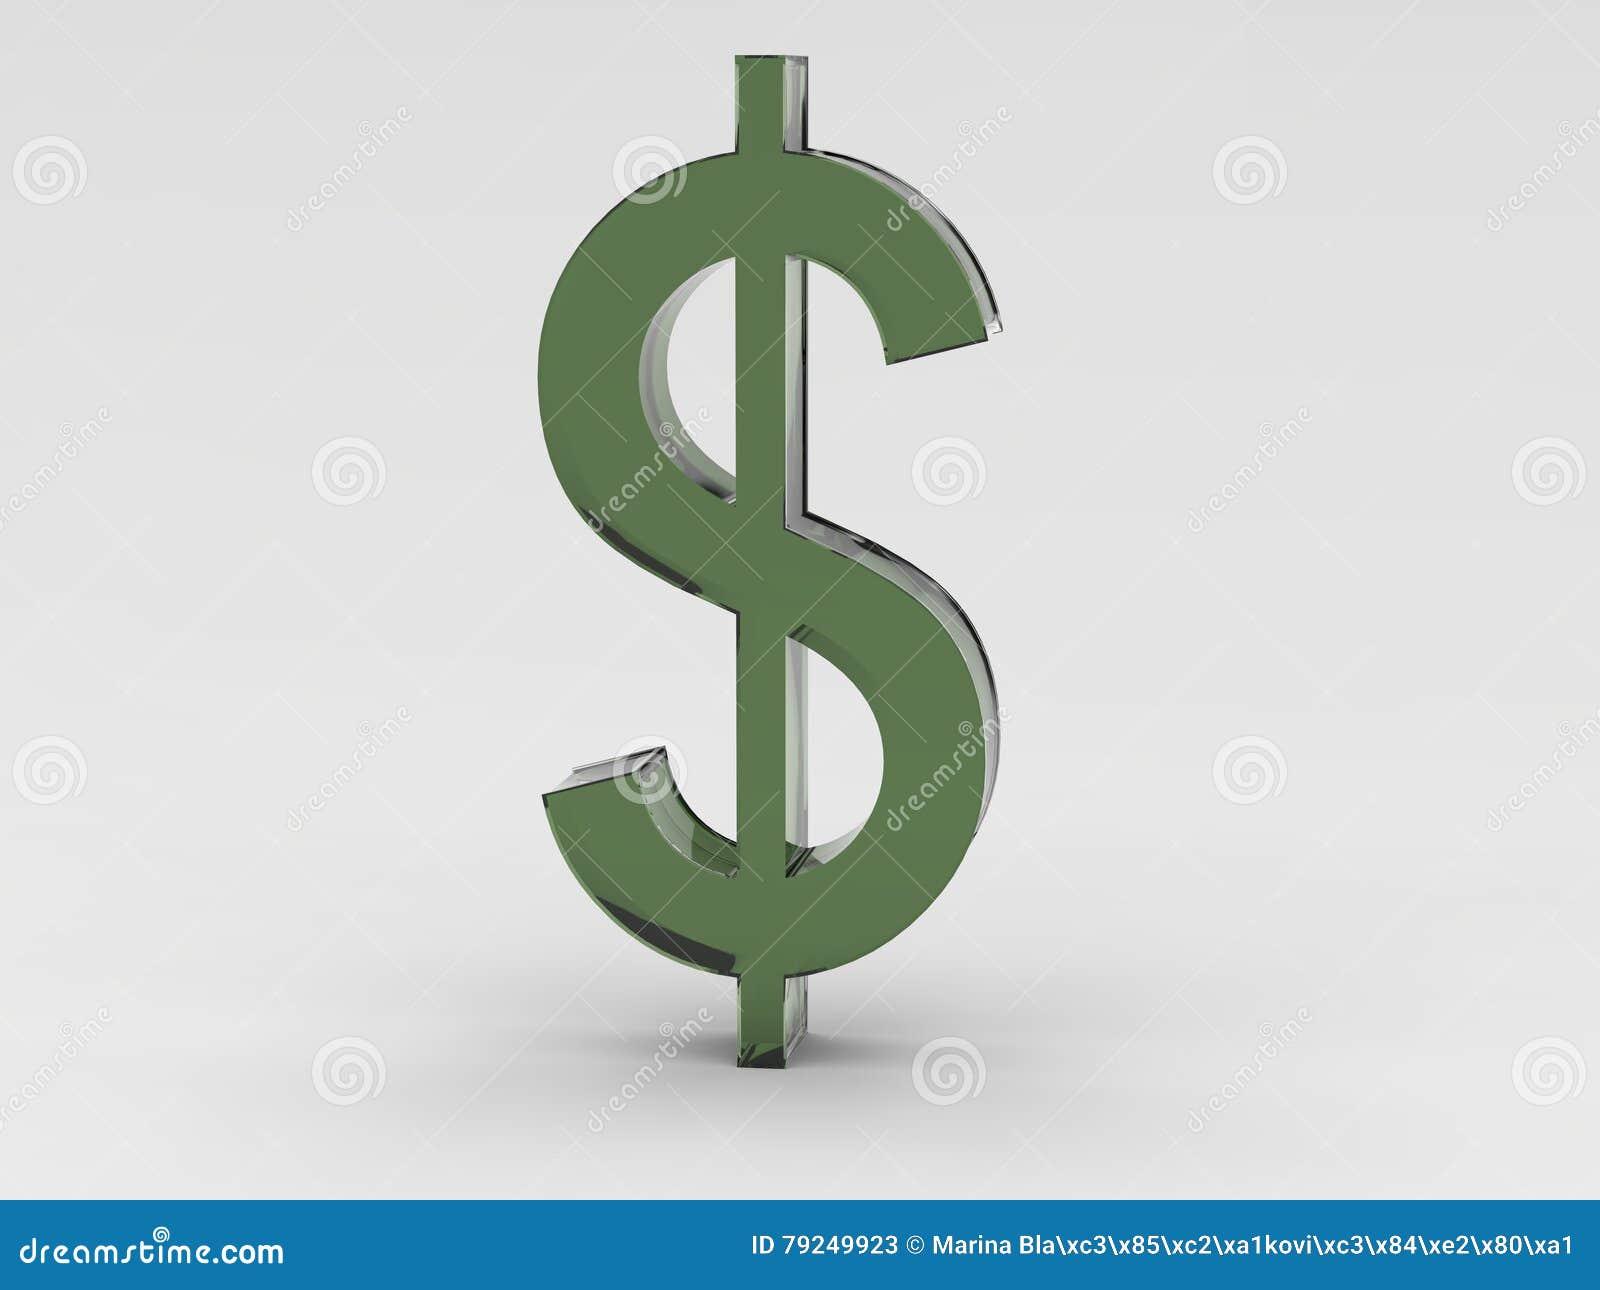 Green Dollar Symbol